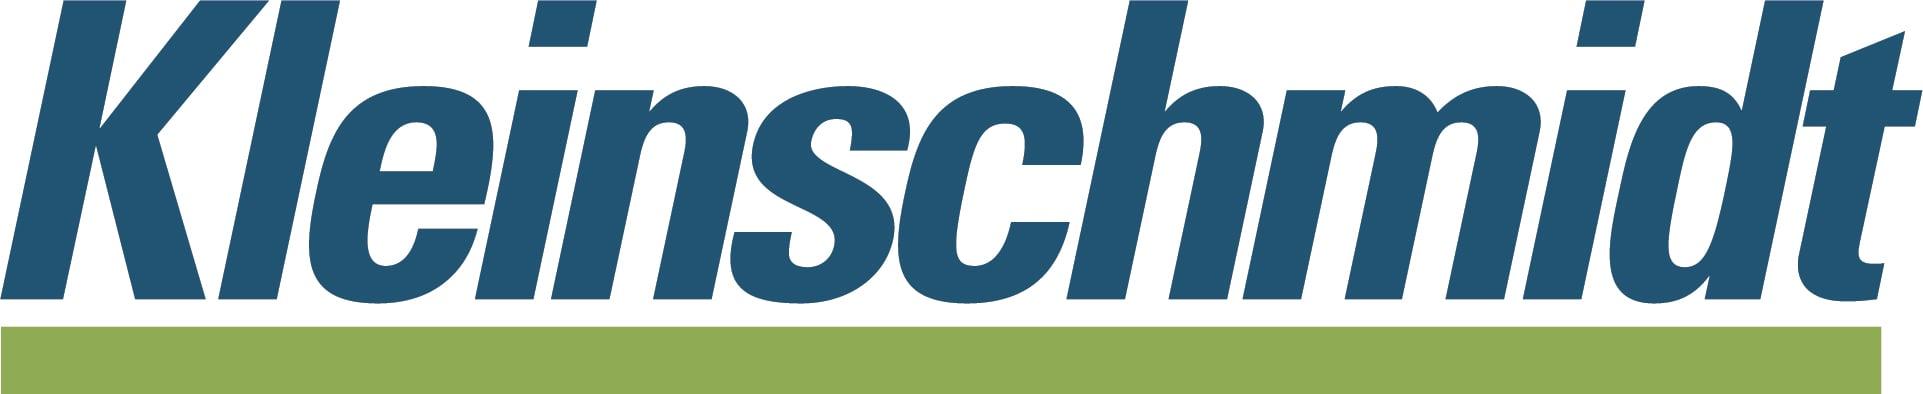 Kleinschmidt Group Logo